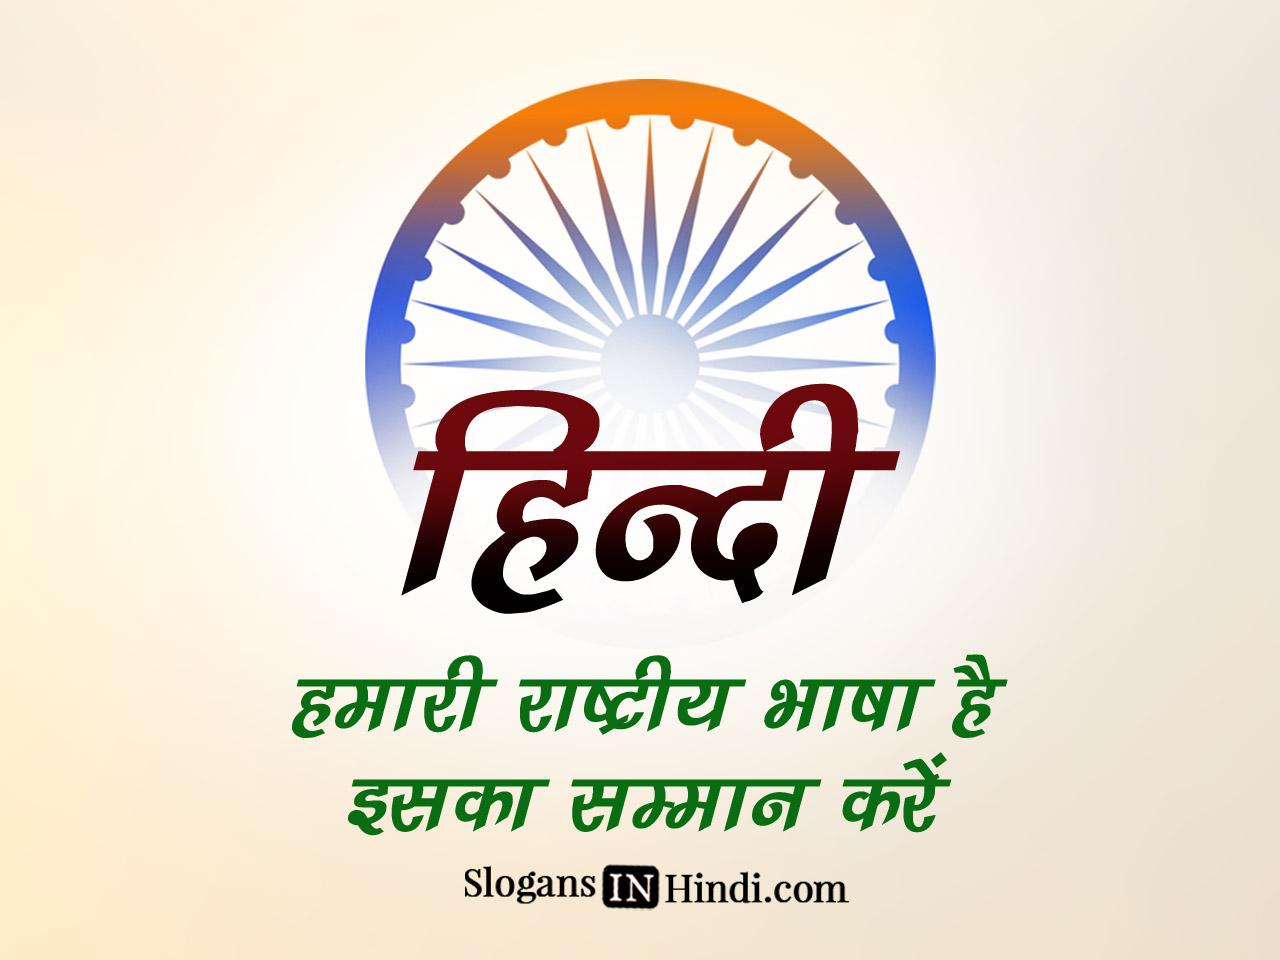 हिन्दी एक समृद्ध भाषा